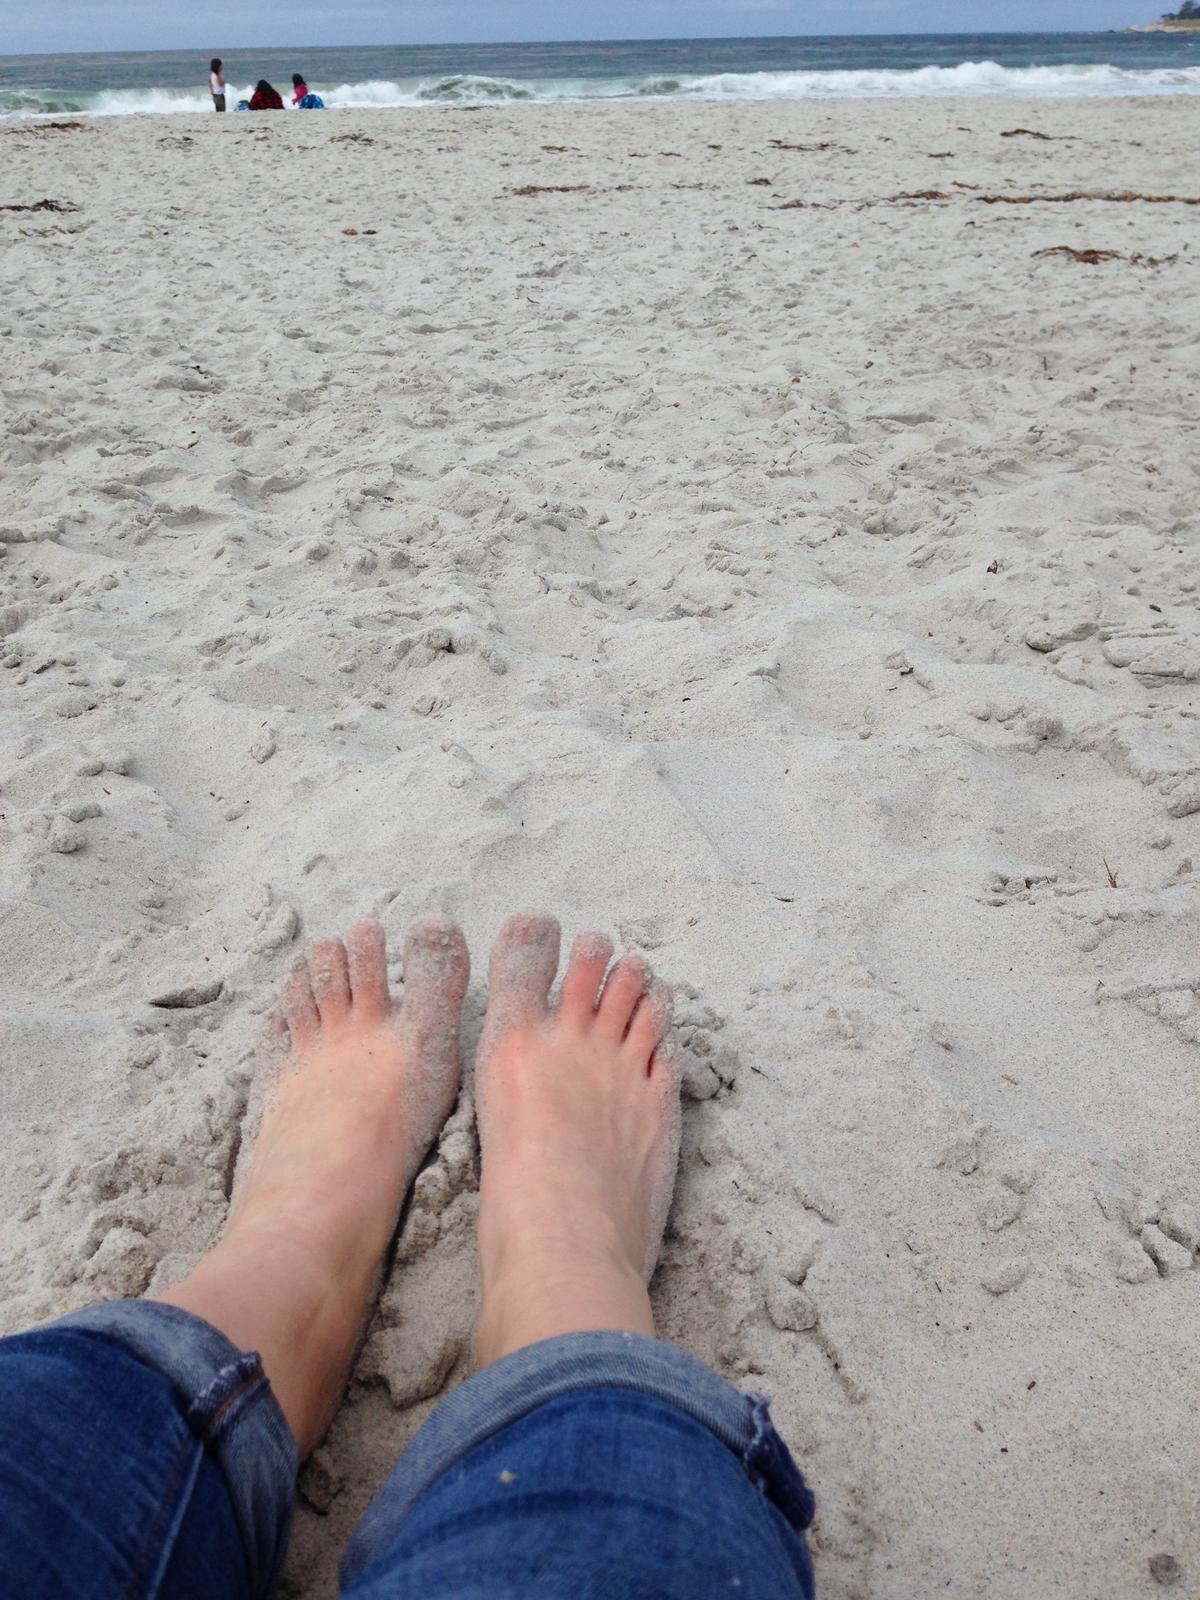 """""""If you can dream it, you can do it."""" - predstava pobytu na pláži bola samozrejme kúlinko inán :D ale tak v apríli človek nemôže čakať tropické teploty :D"""